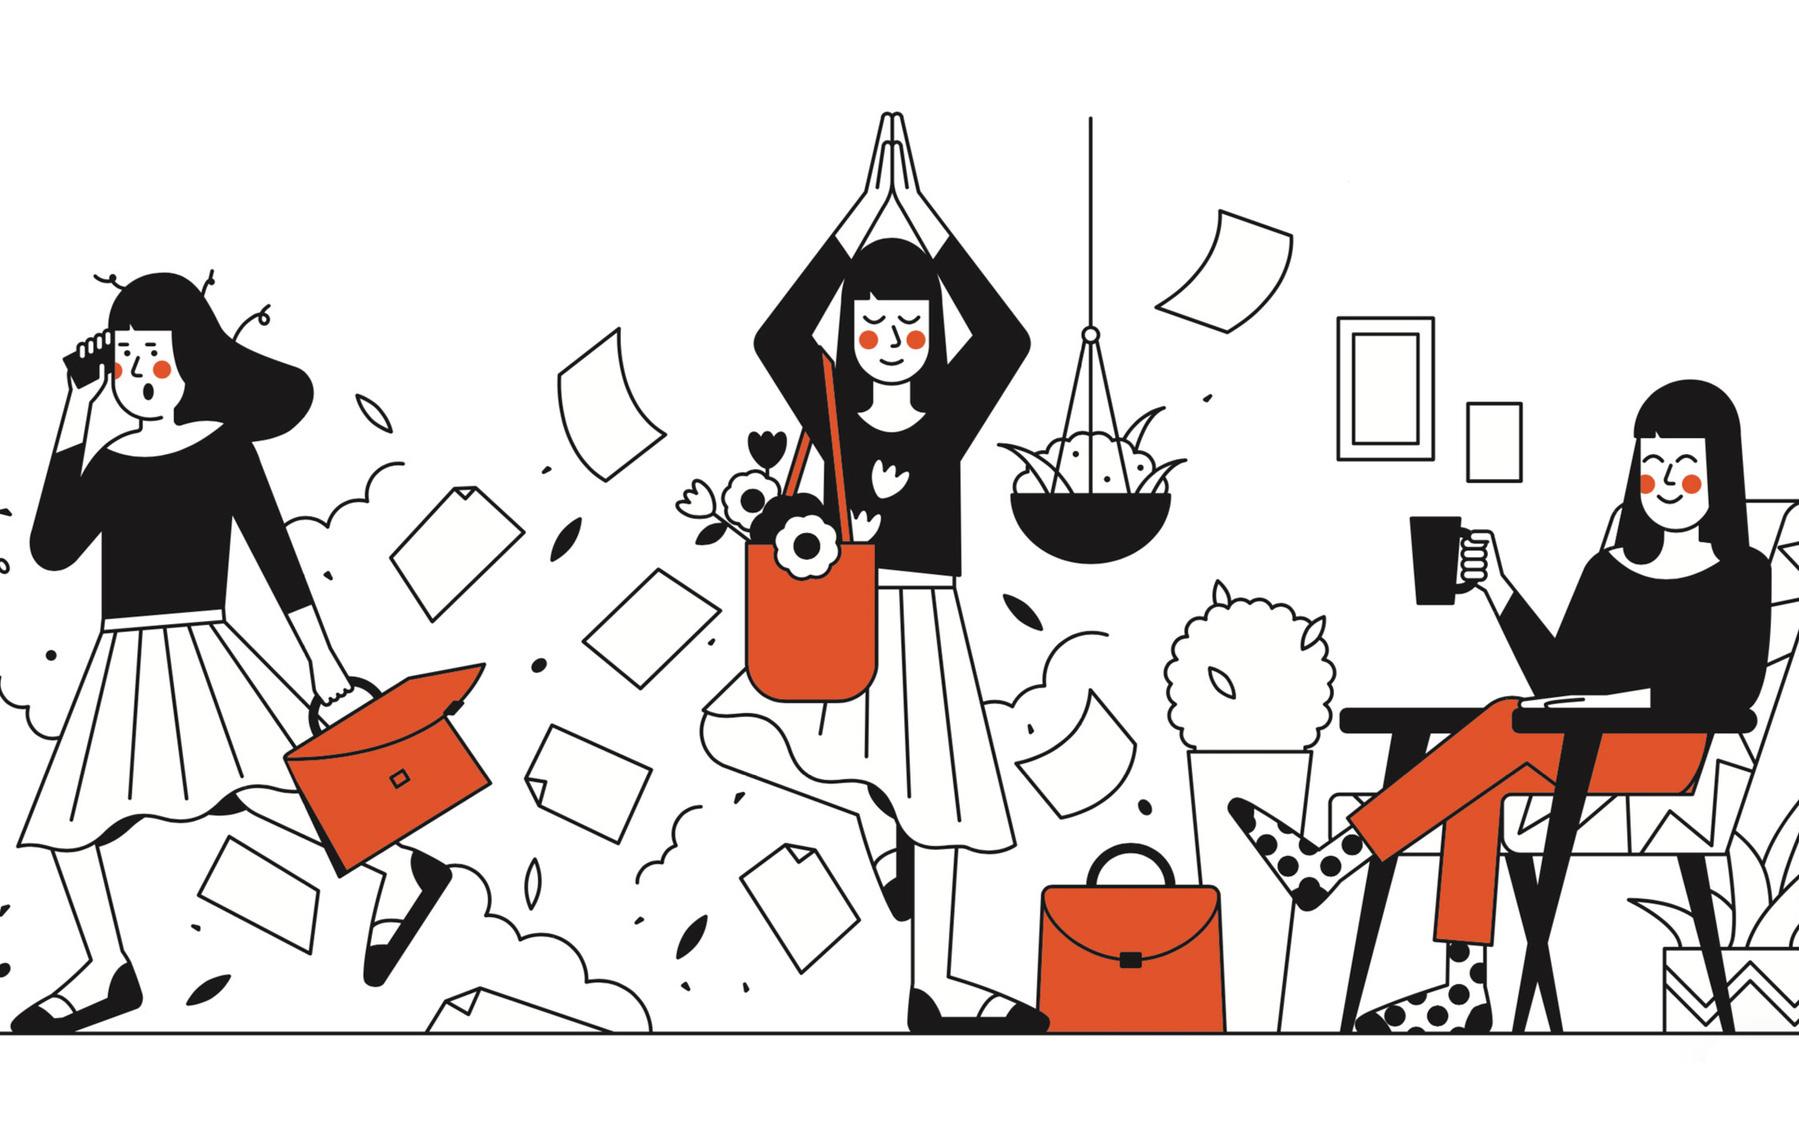 """Dọn dẹp"""" công việc sau đại dịch: Tối giản nhiệm vụ, giúp thư giãn, thoải  mái lại hiệu quả bất ngờ   Báo dân sinh"""